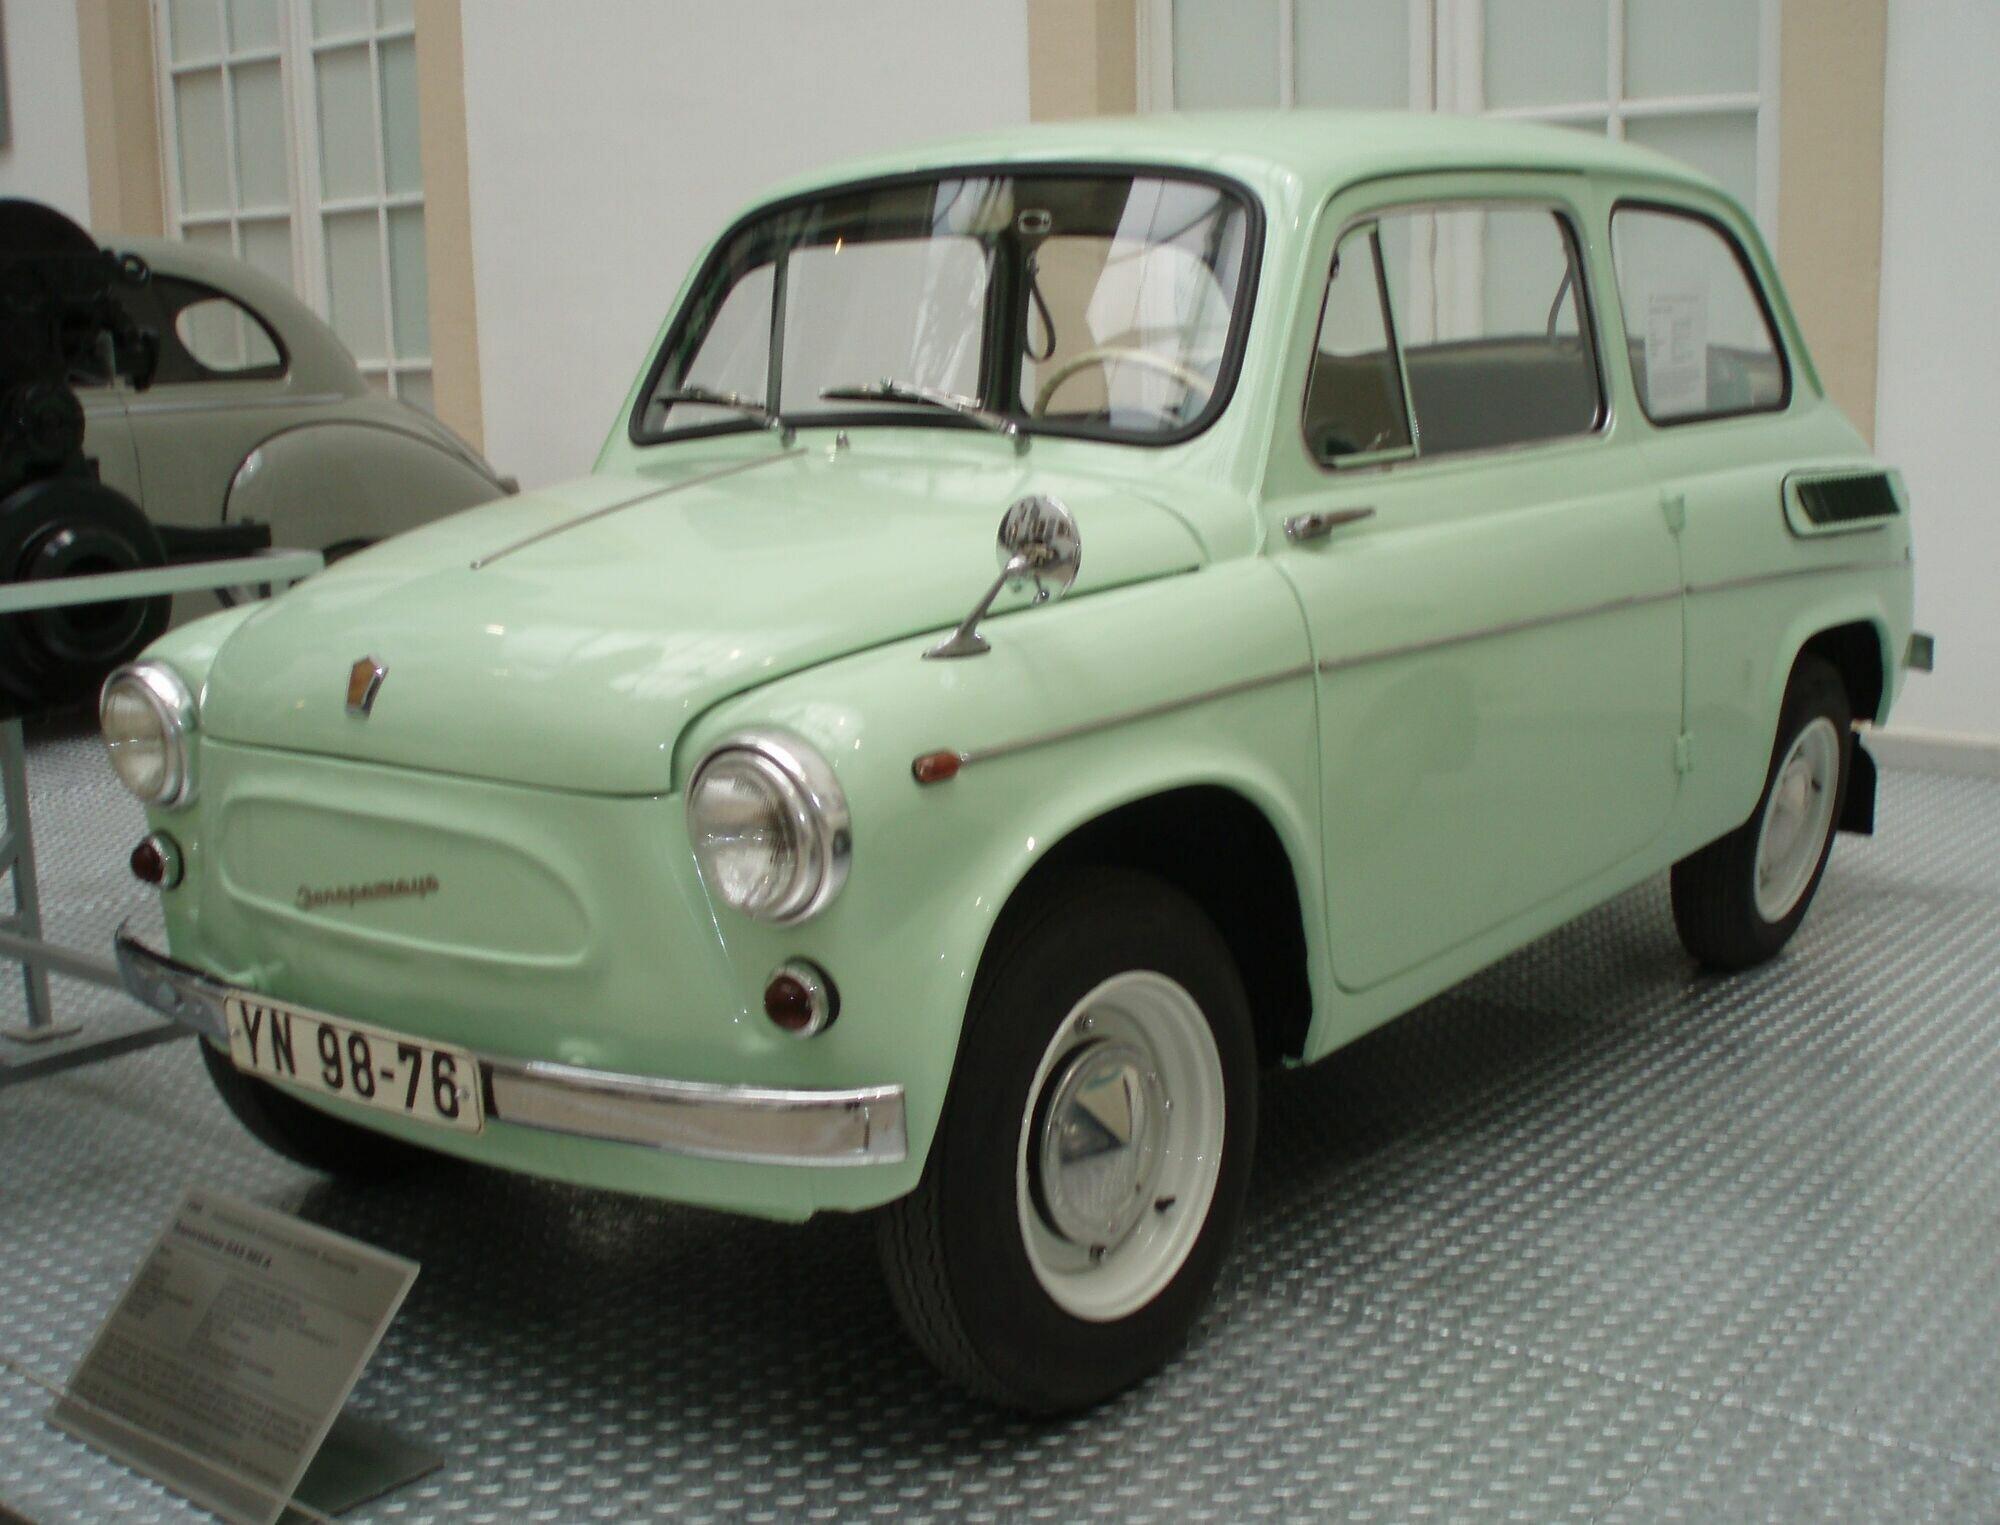 ЗАЗ-965, как и другие советские авто, ценят эмигранты